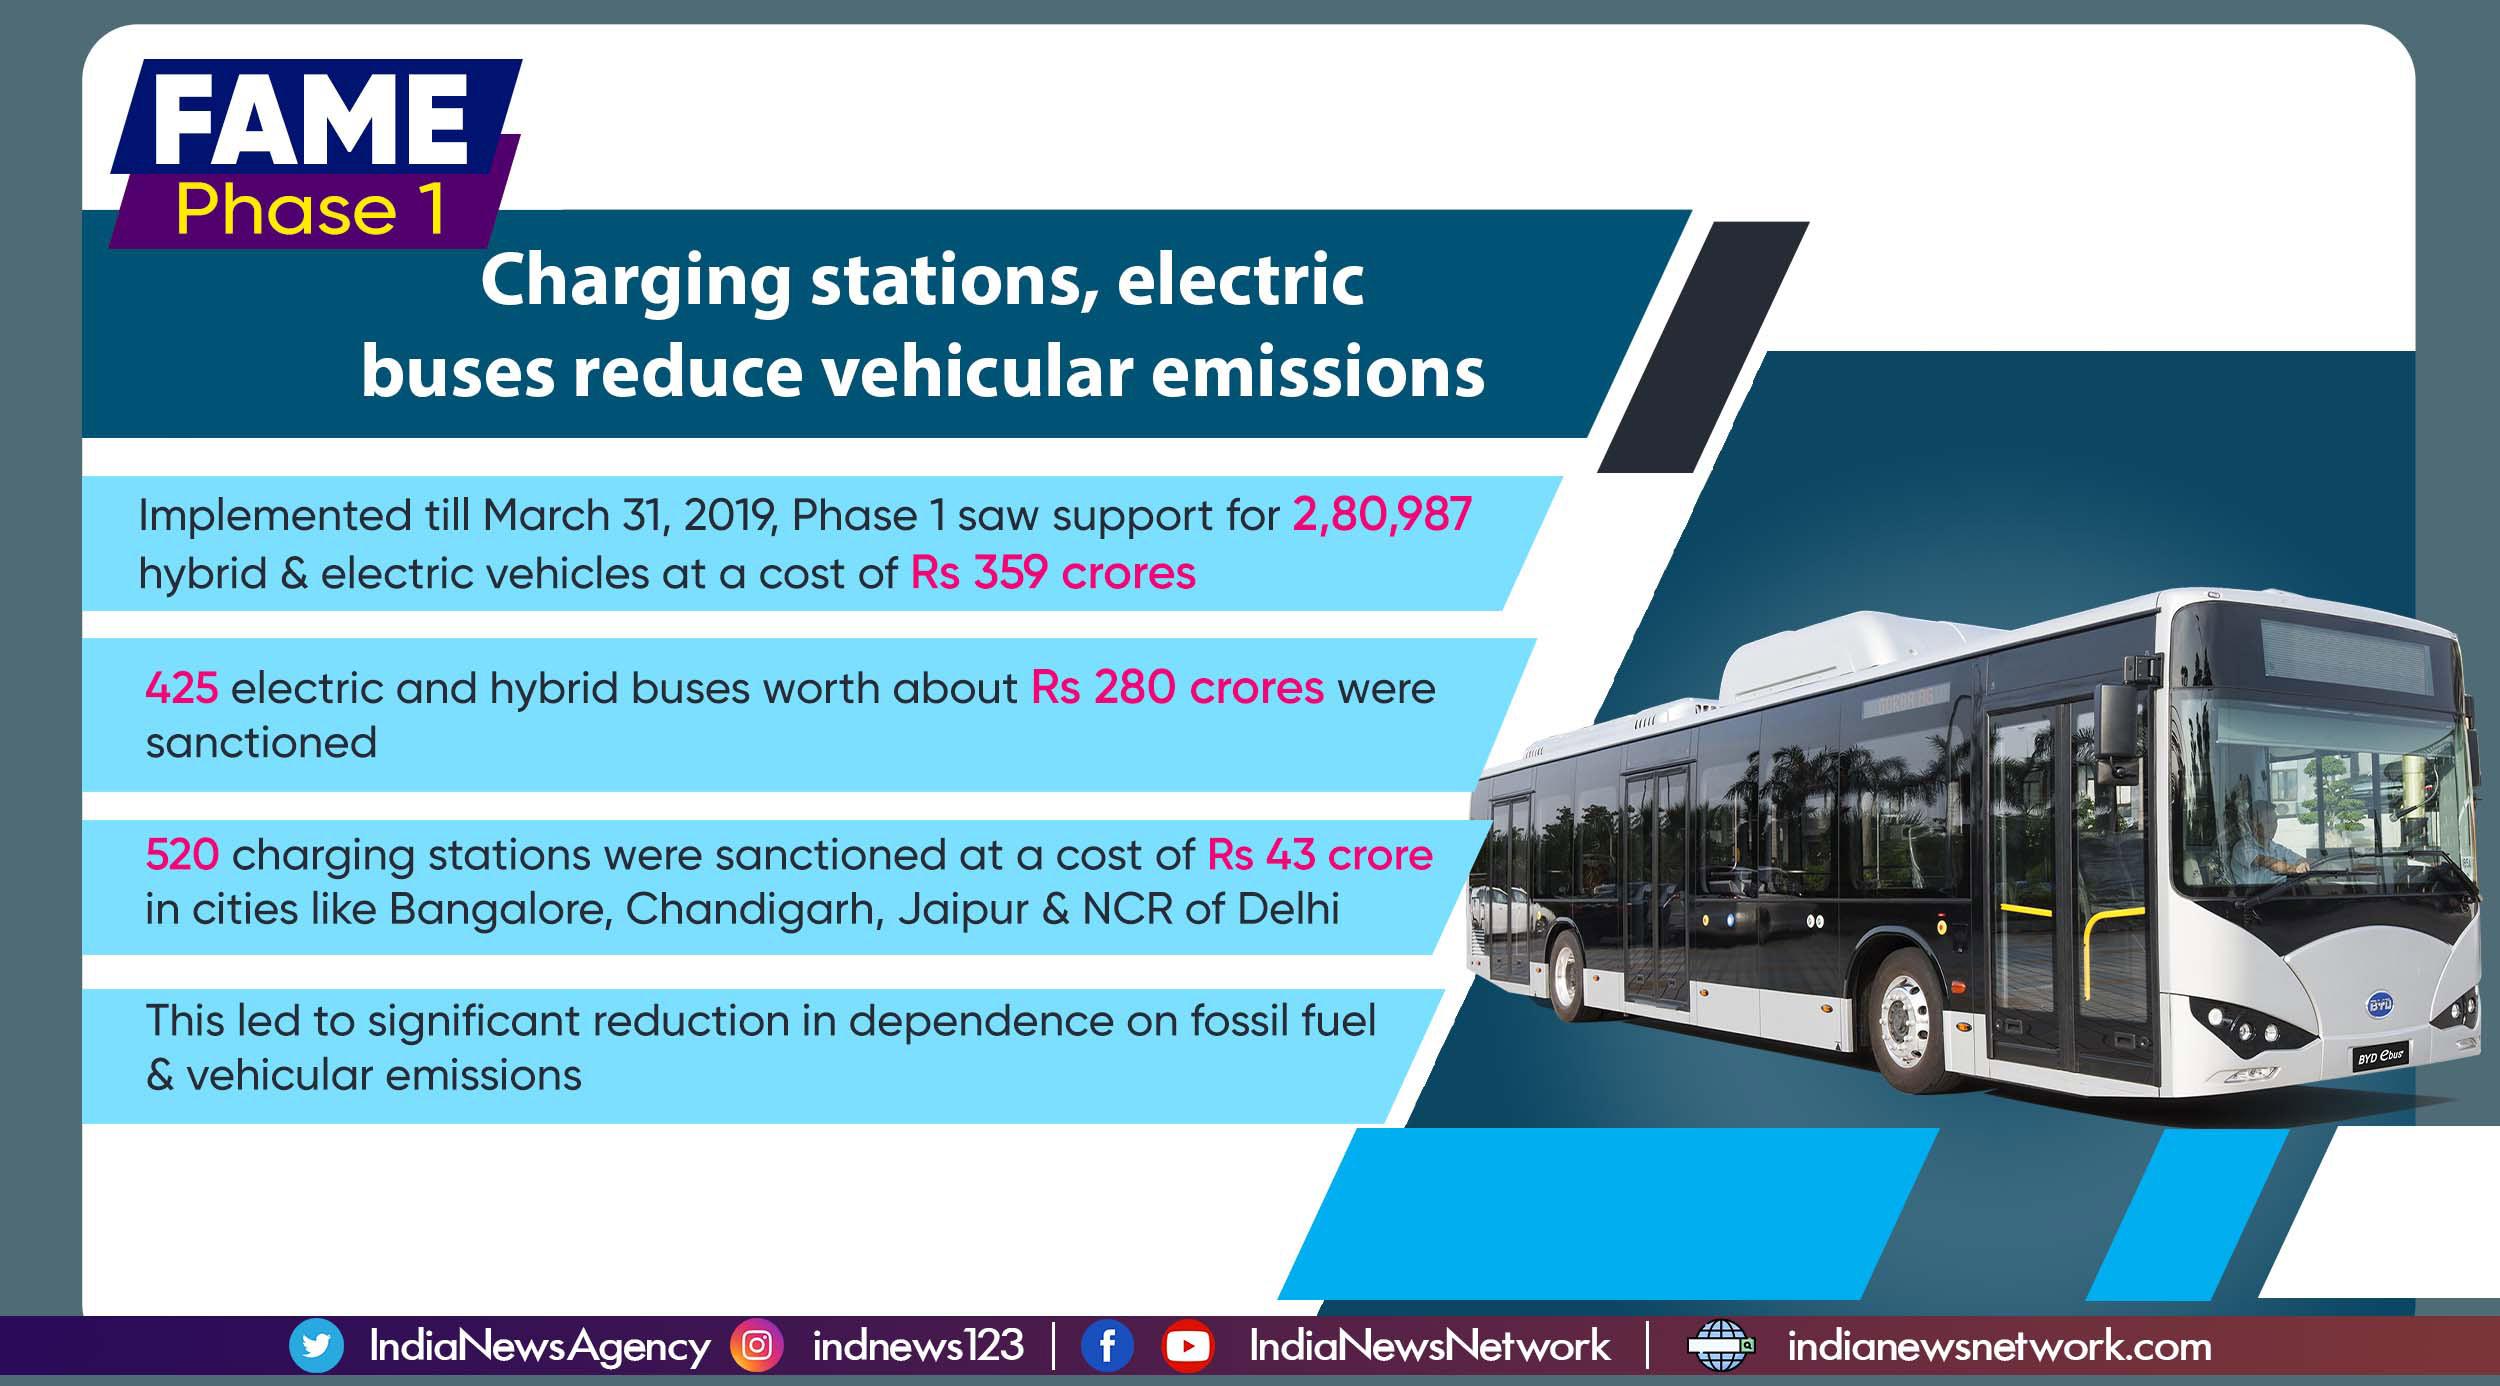 FAME 계획 : 인도에서 지속 가능한 운송을 향한 거대한 추진